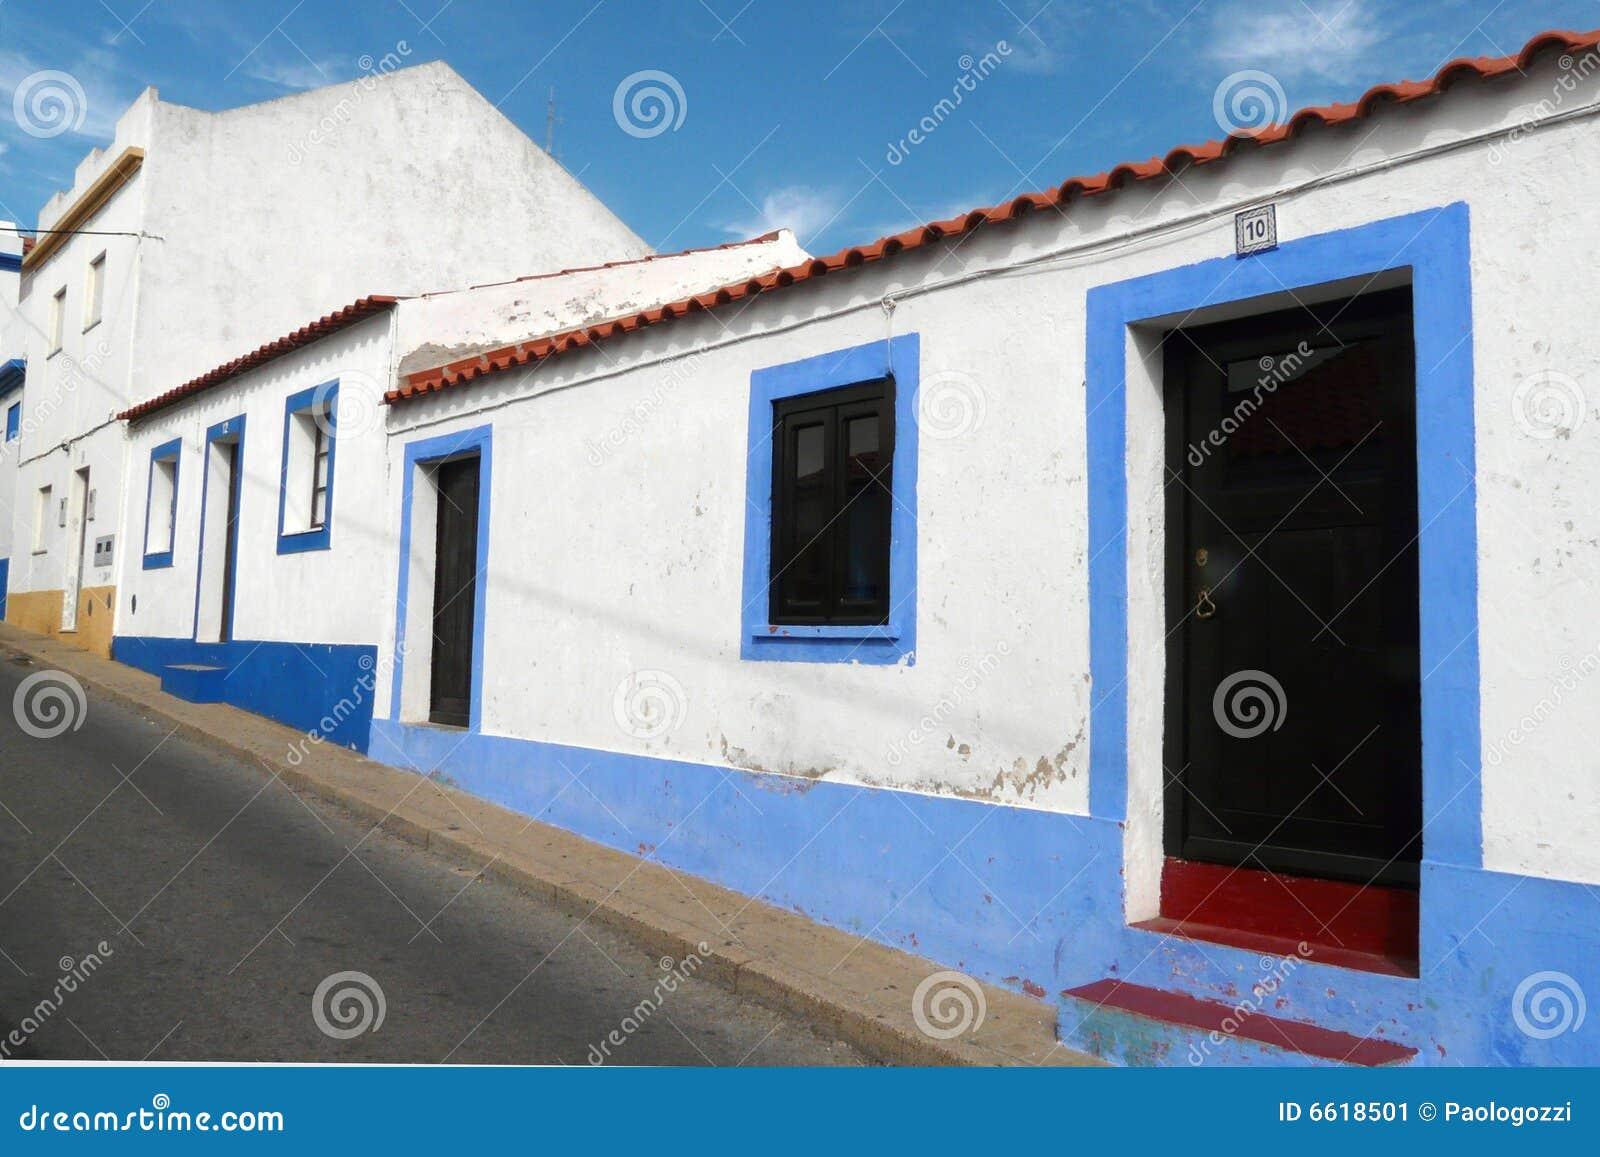 Algarve s houses